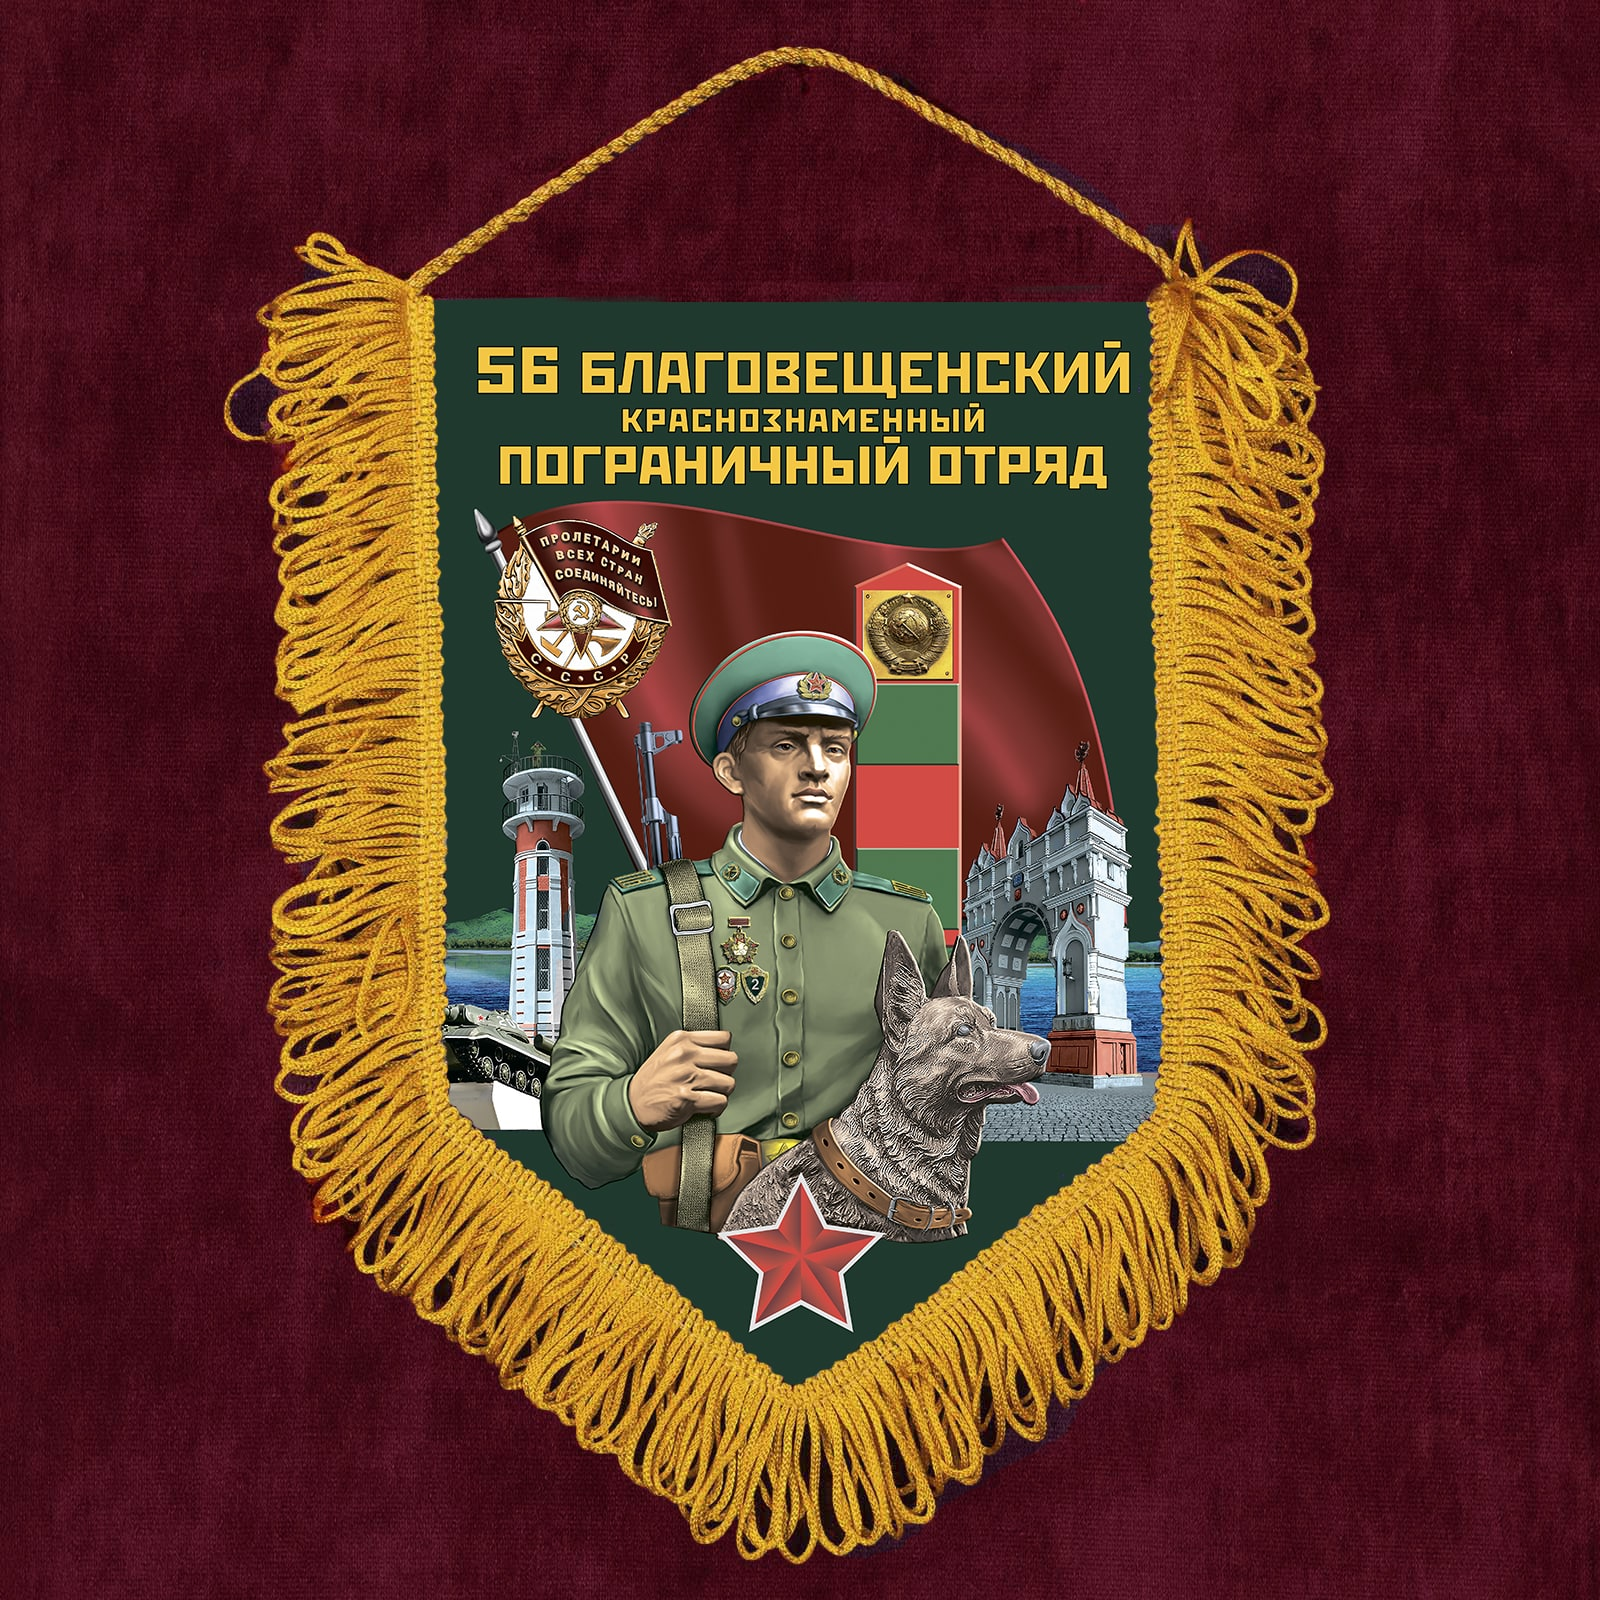 """Сувенирный вымпел """"56 Благовещенский пограничный отряд"""""""